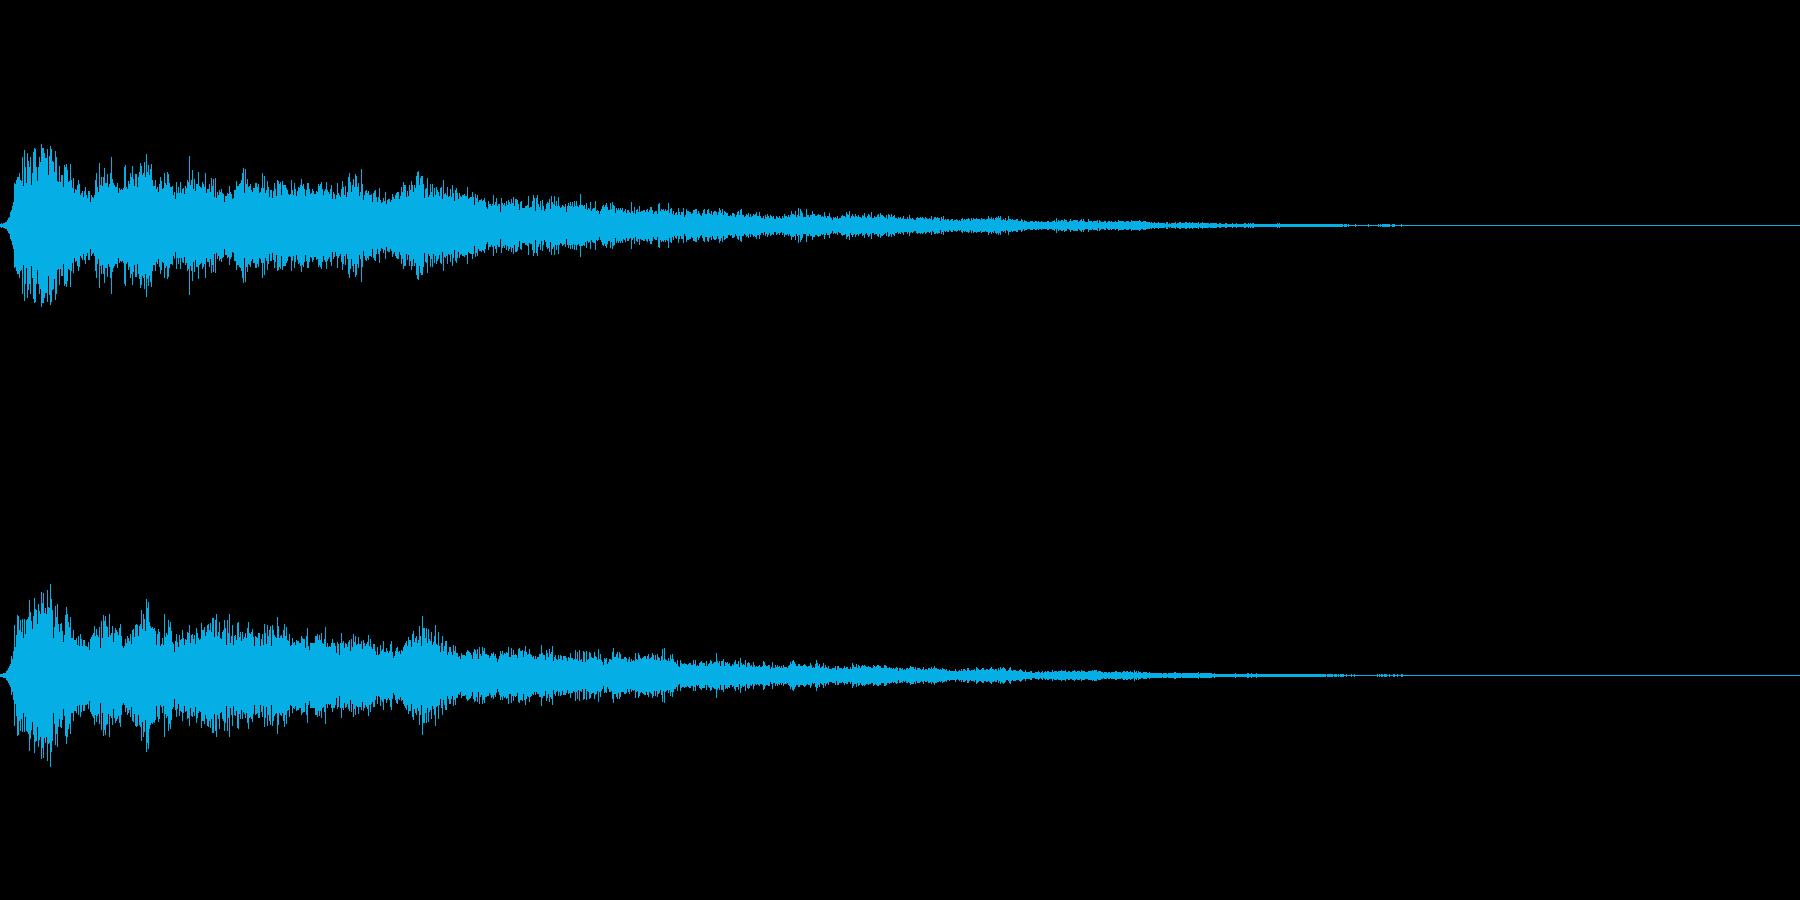 氷魔法01(冷気属性魔法)の再生済みの波形